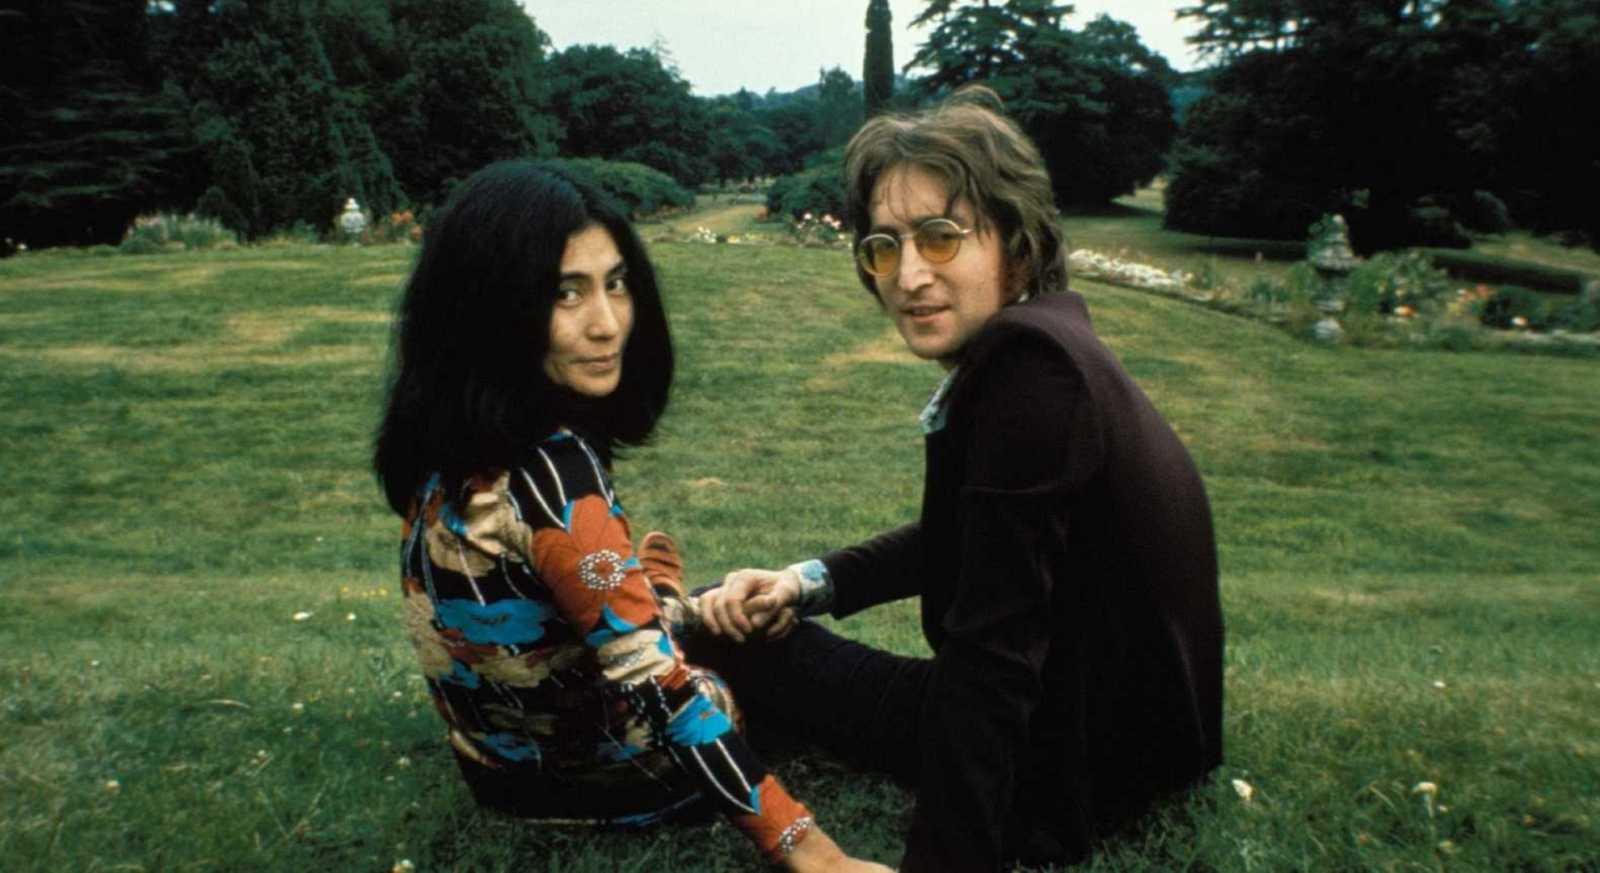 Hoy empieza todo con Marta Echeverría - La imaginación de Lennon: vida, música y letras - 08/12/20 - escuchar ahora